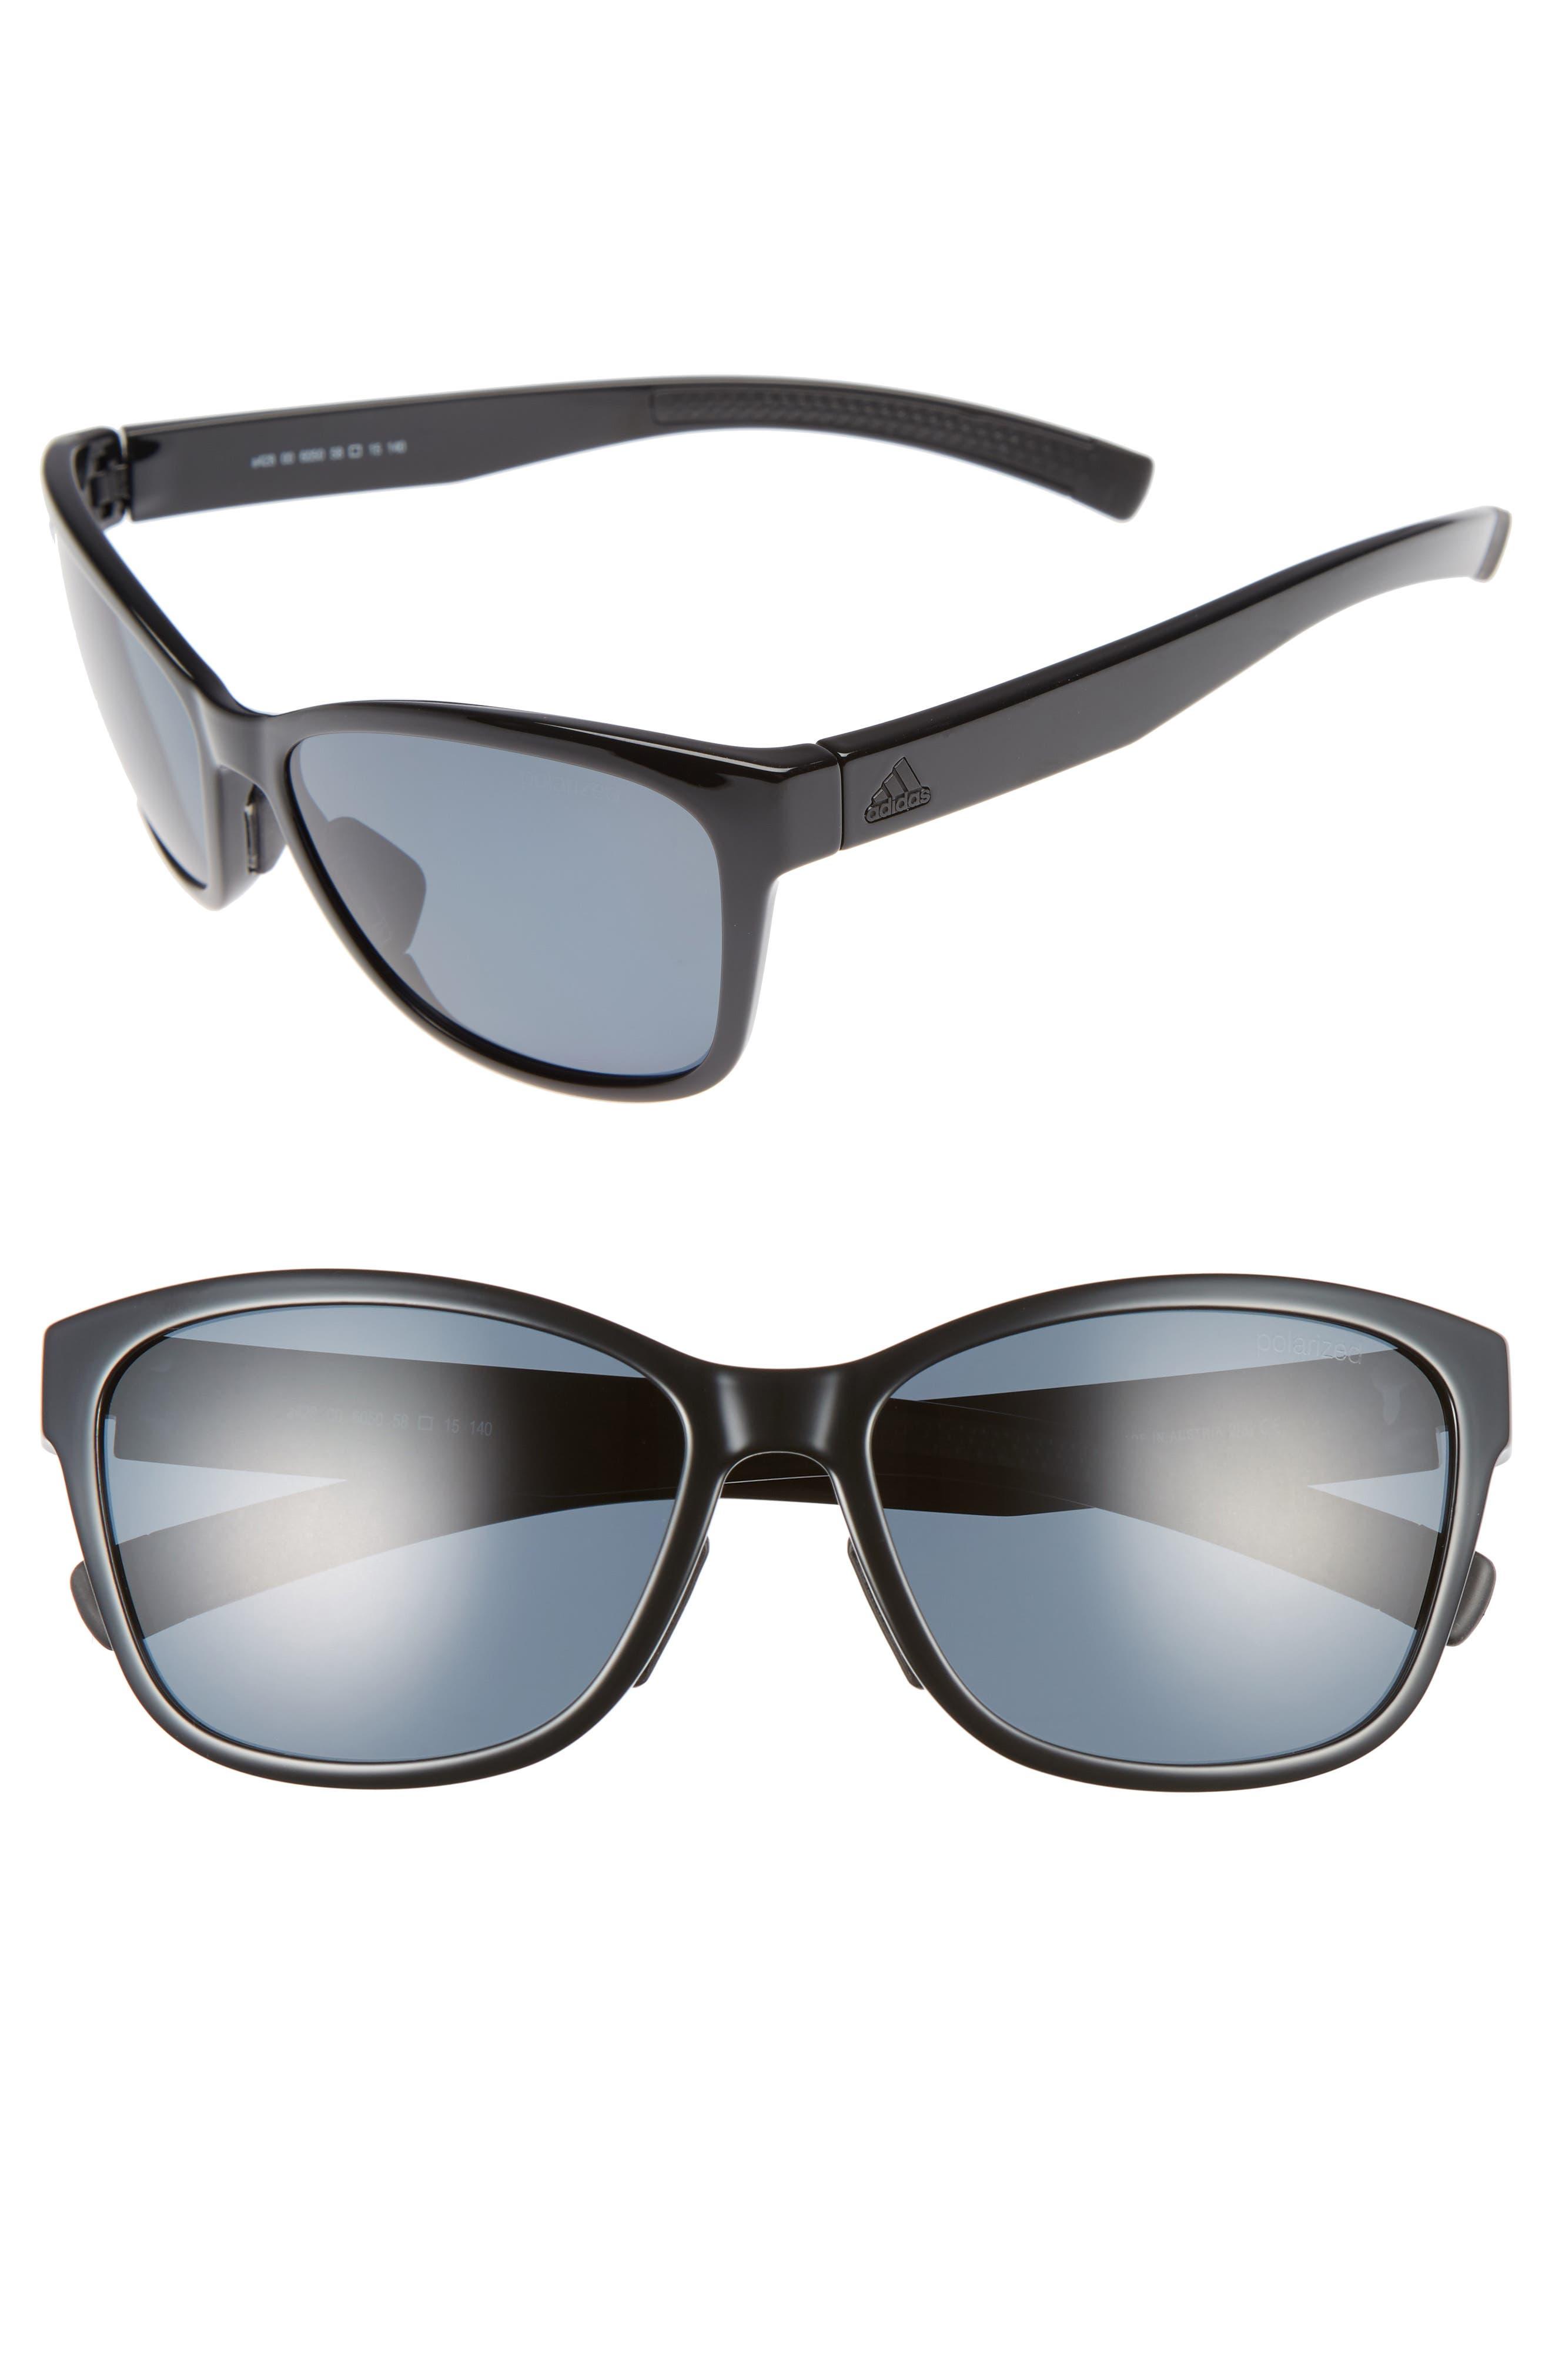 Main Image - adidas Excalate 58mm Polarized Sunglasses